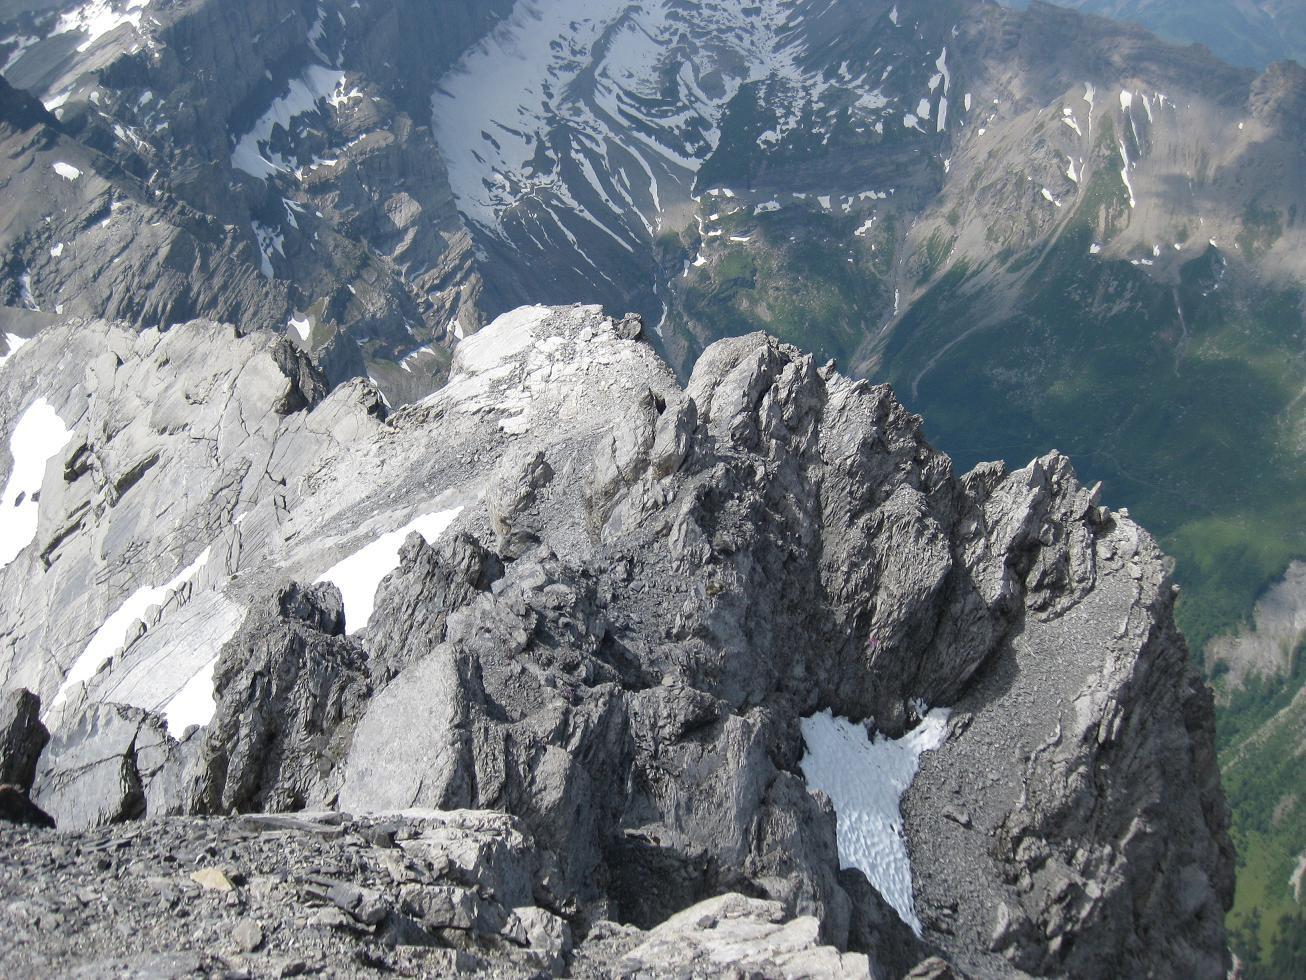 L'arête depuis le sommet